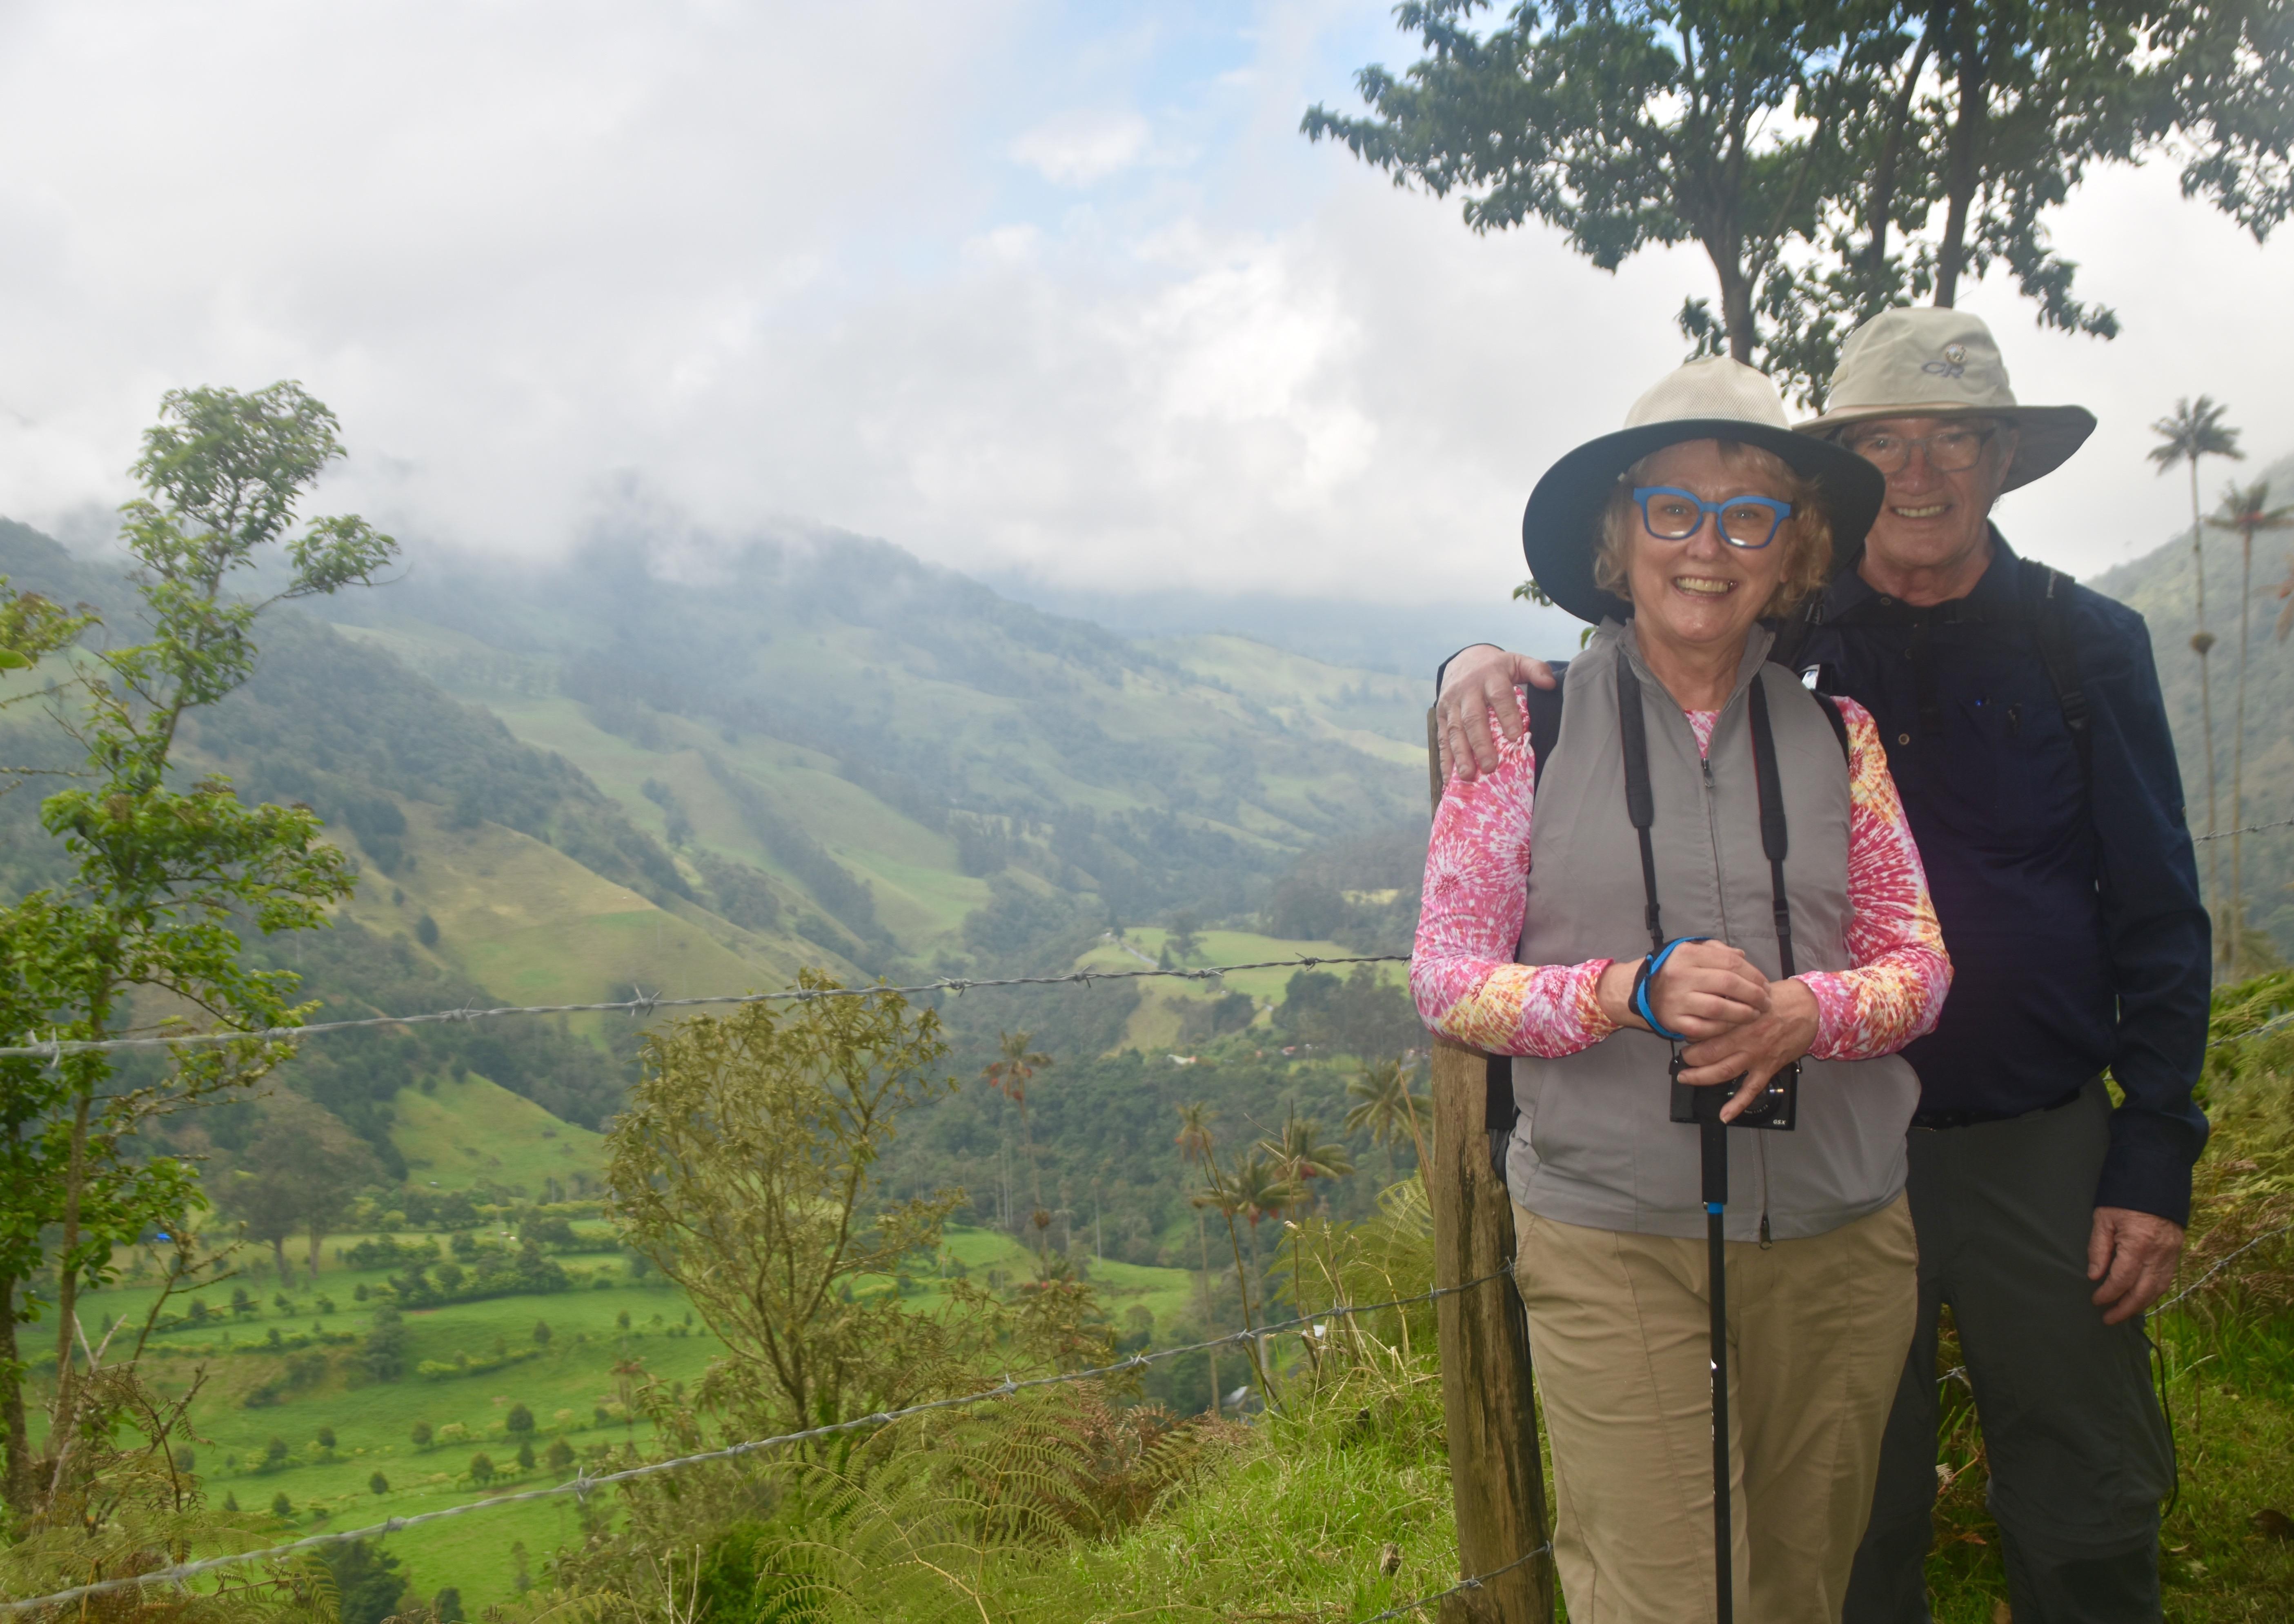 Overlooking Valle de Cocora